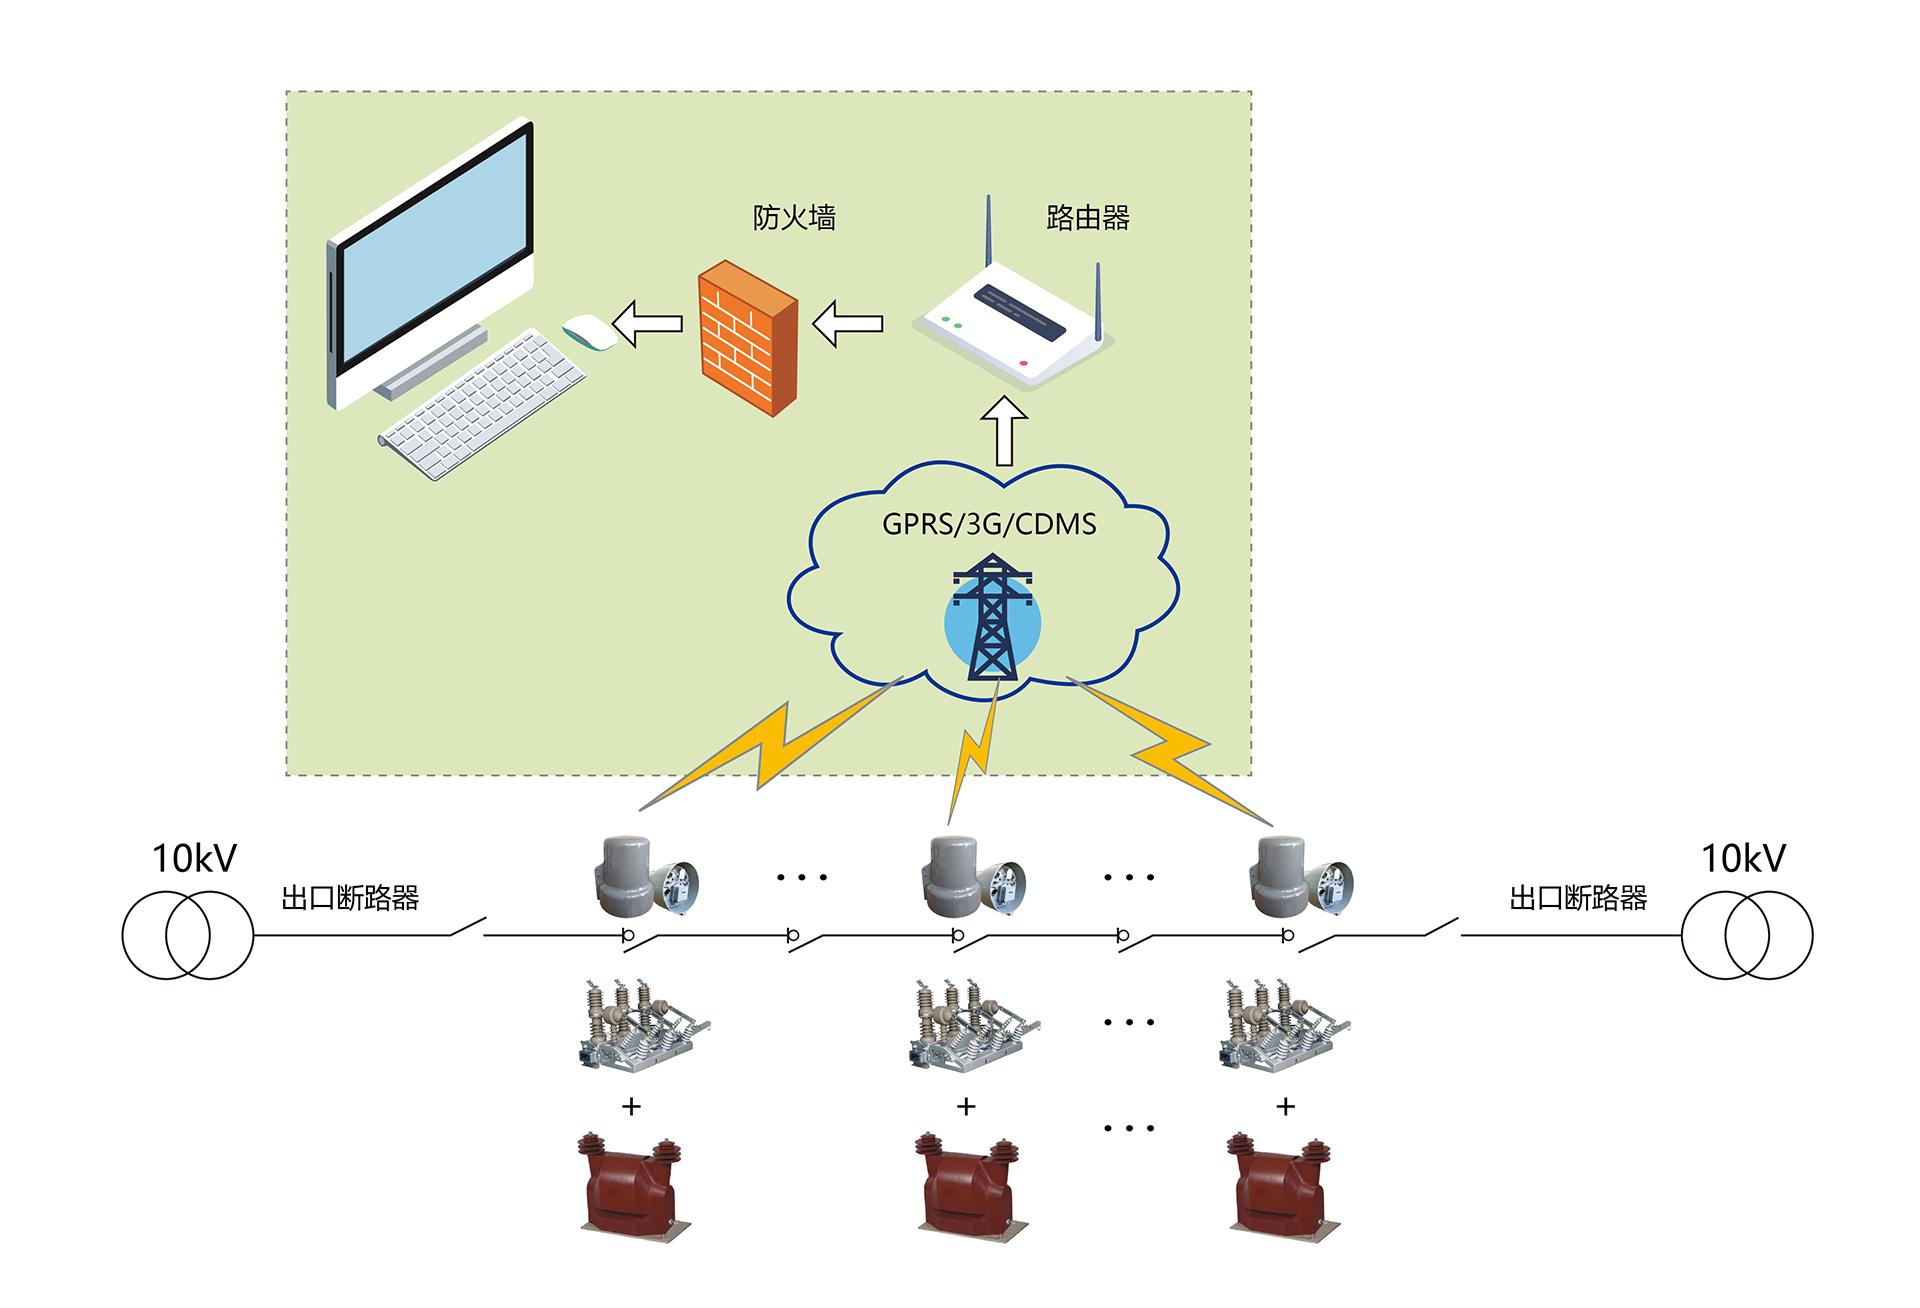 FTU-系统架构_画板 1.jpg